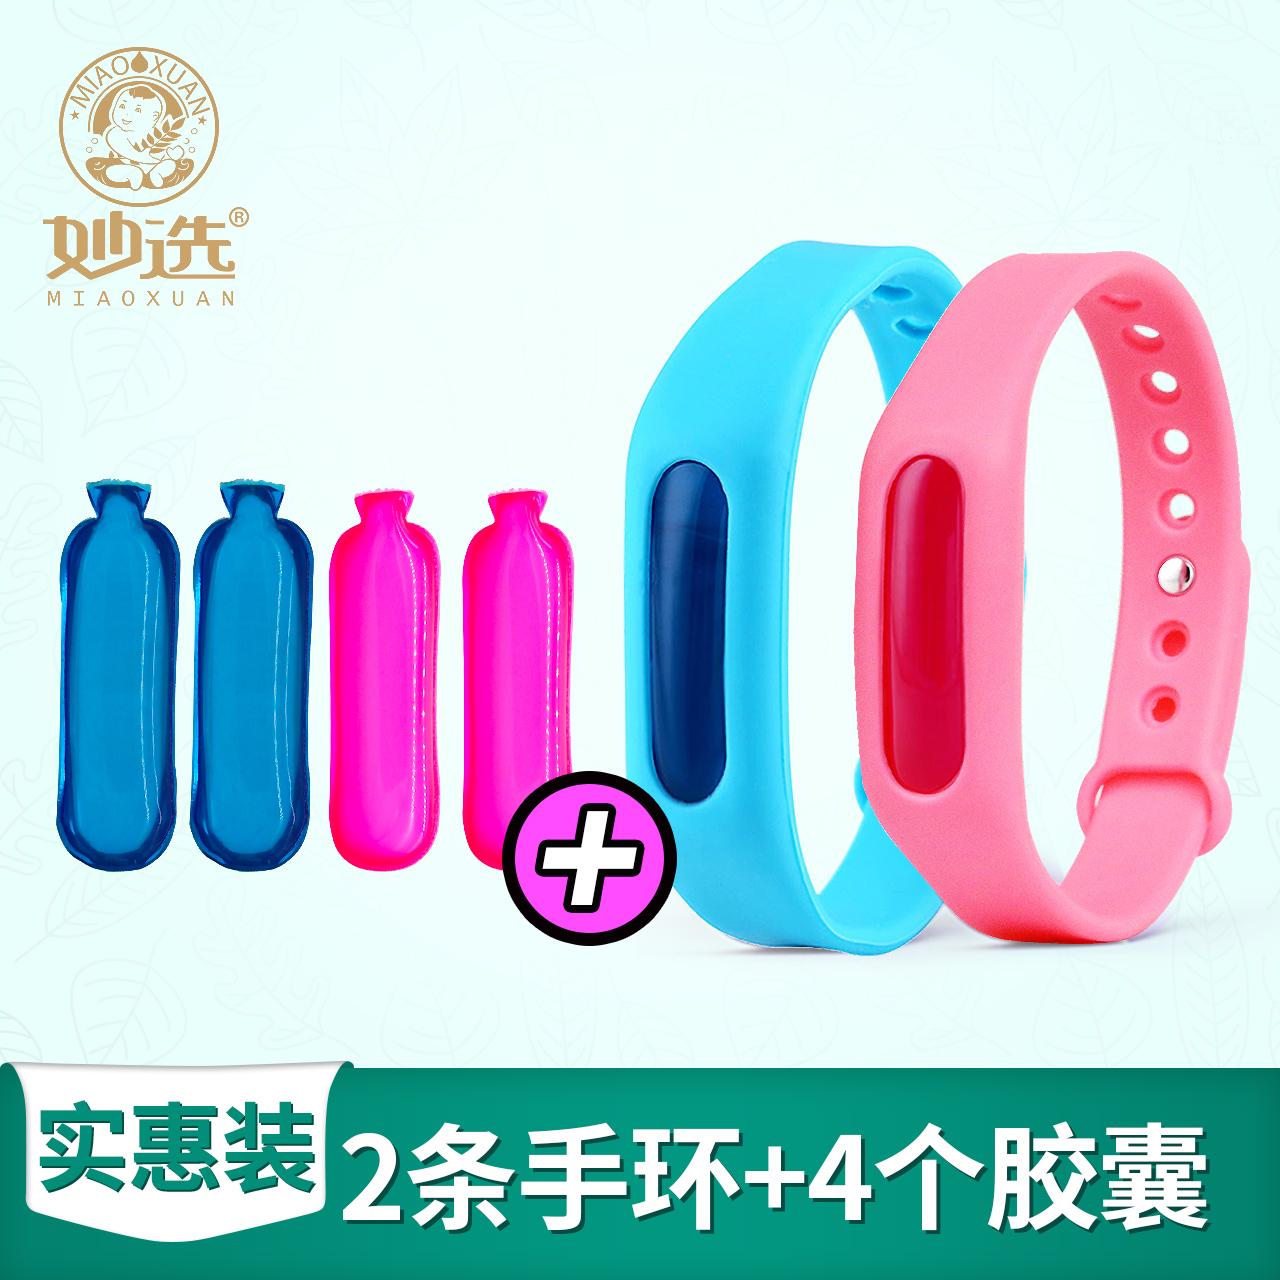 妙选驱蚊手环成人婴儿童宝宝防蚊手环可调节扣2条+4个囊